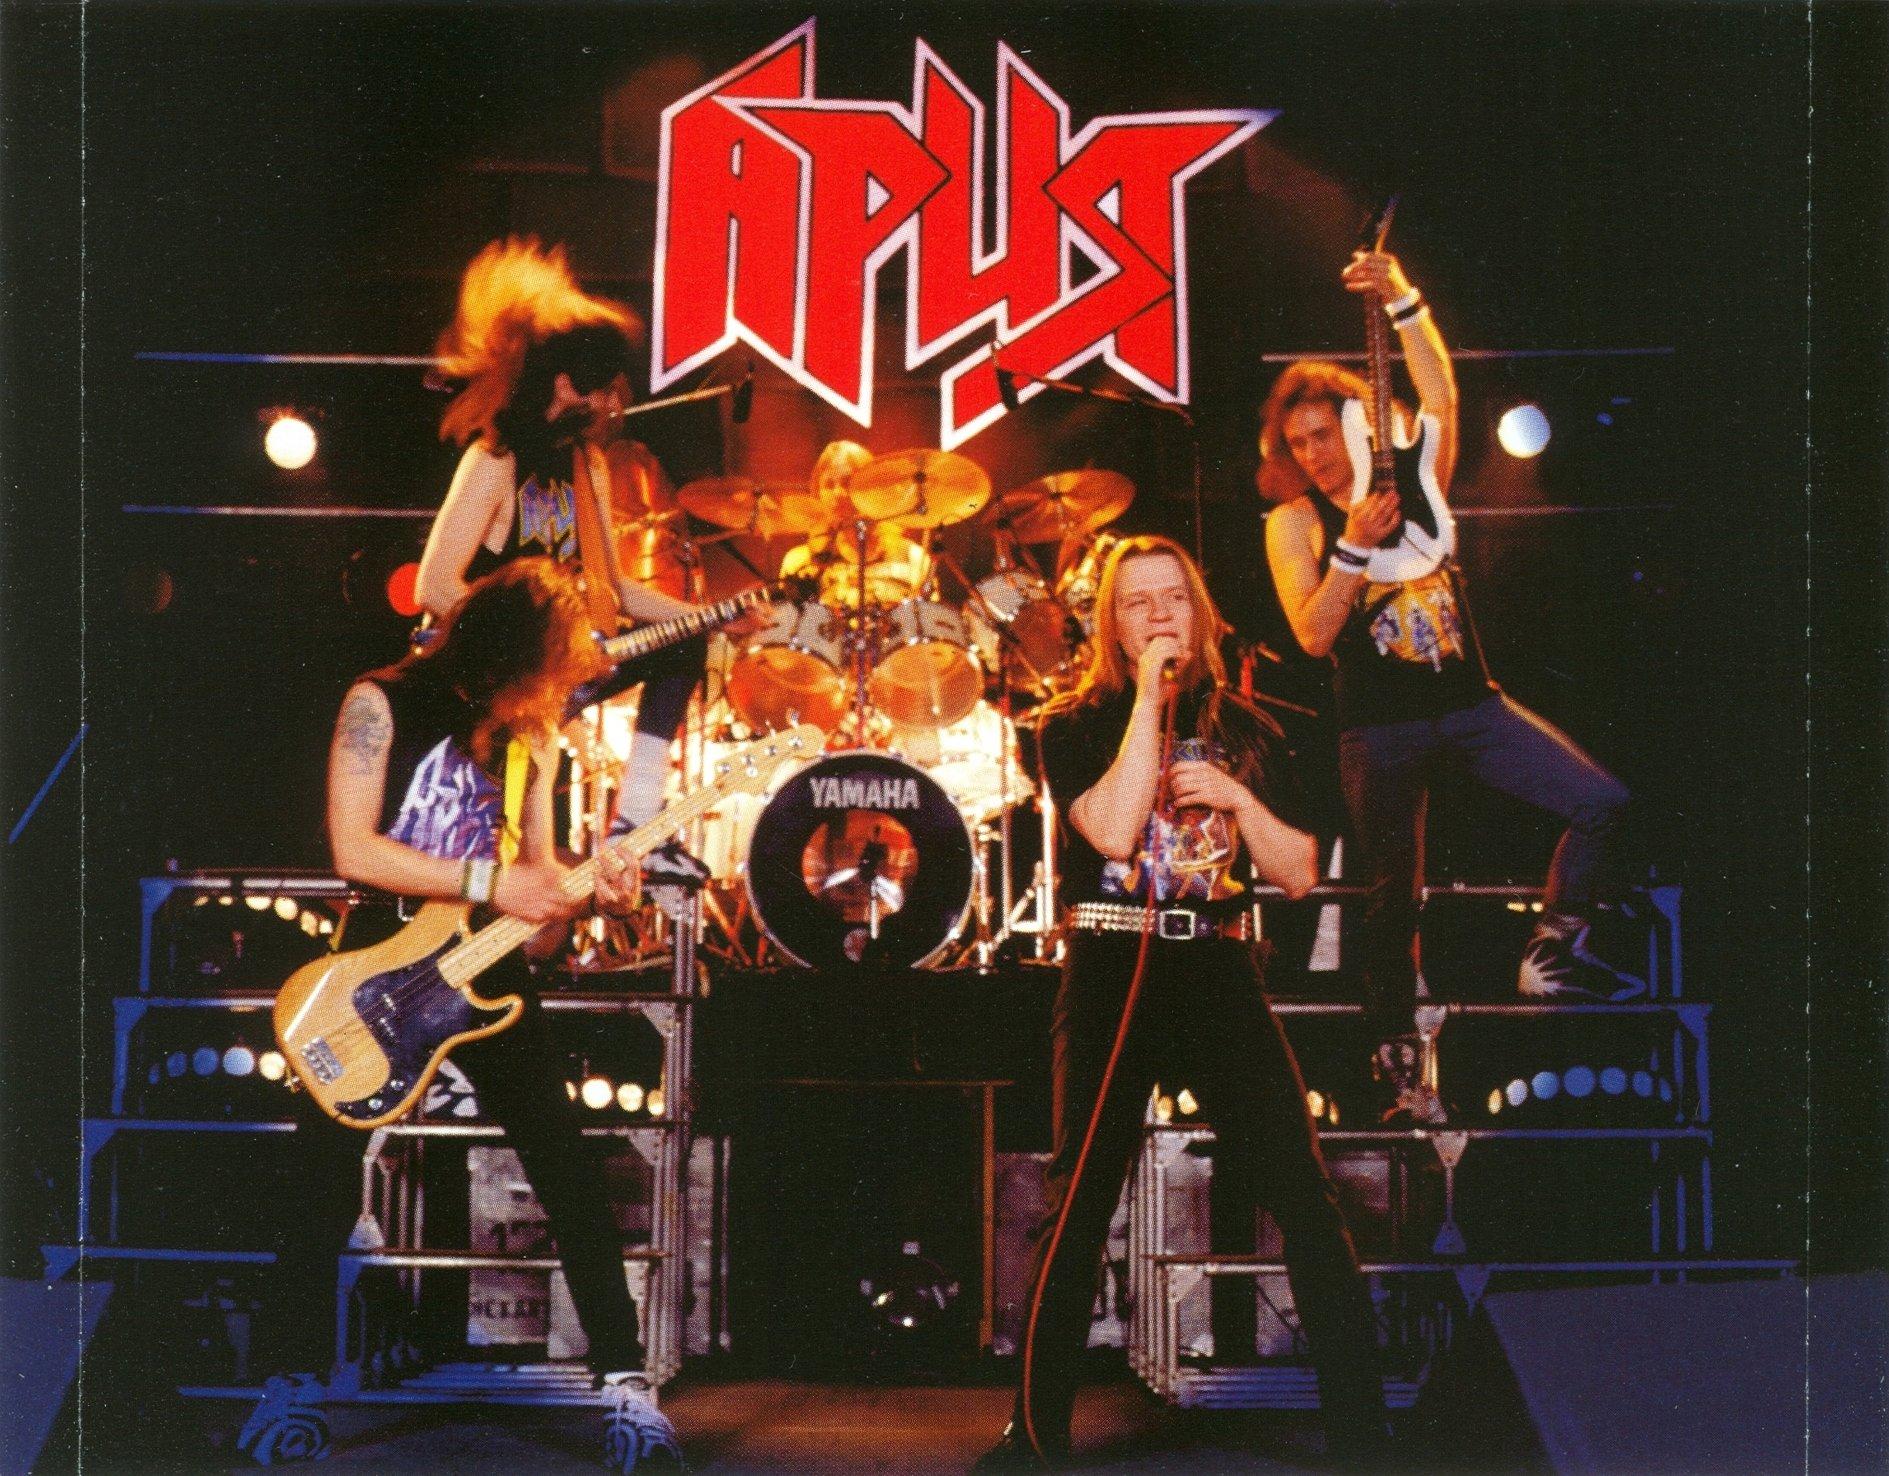 фотографии плакаты рок групп отличном состоянии, полностью